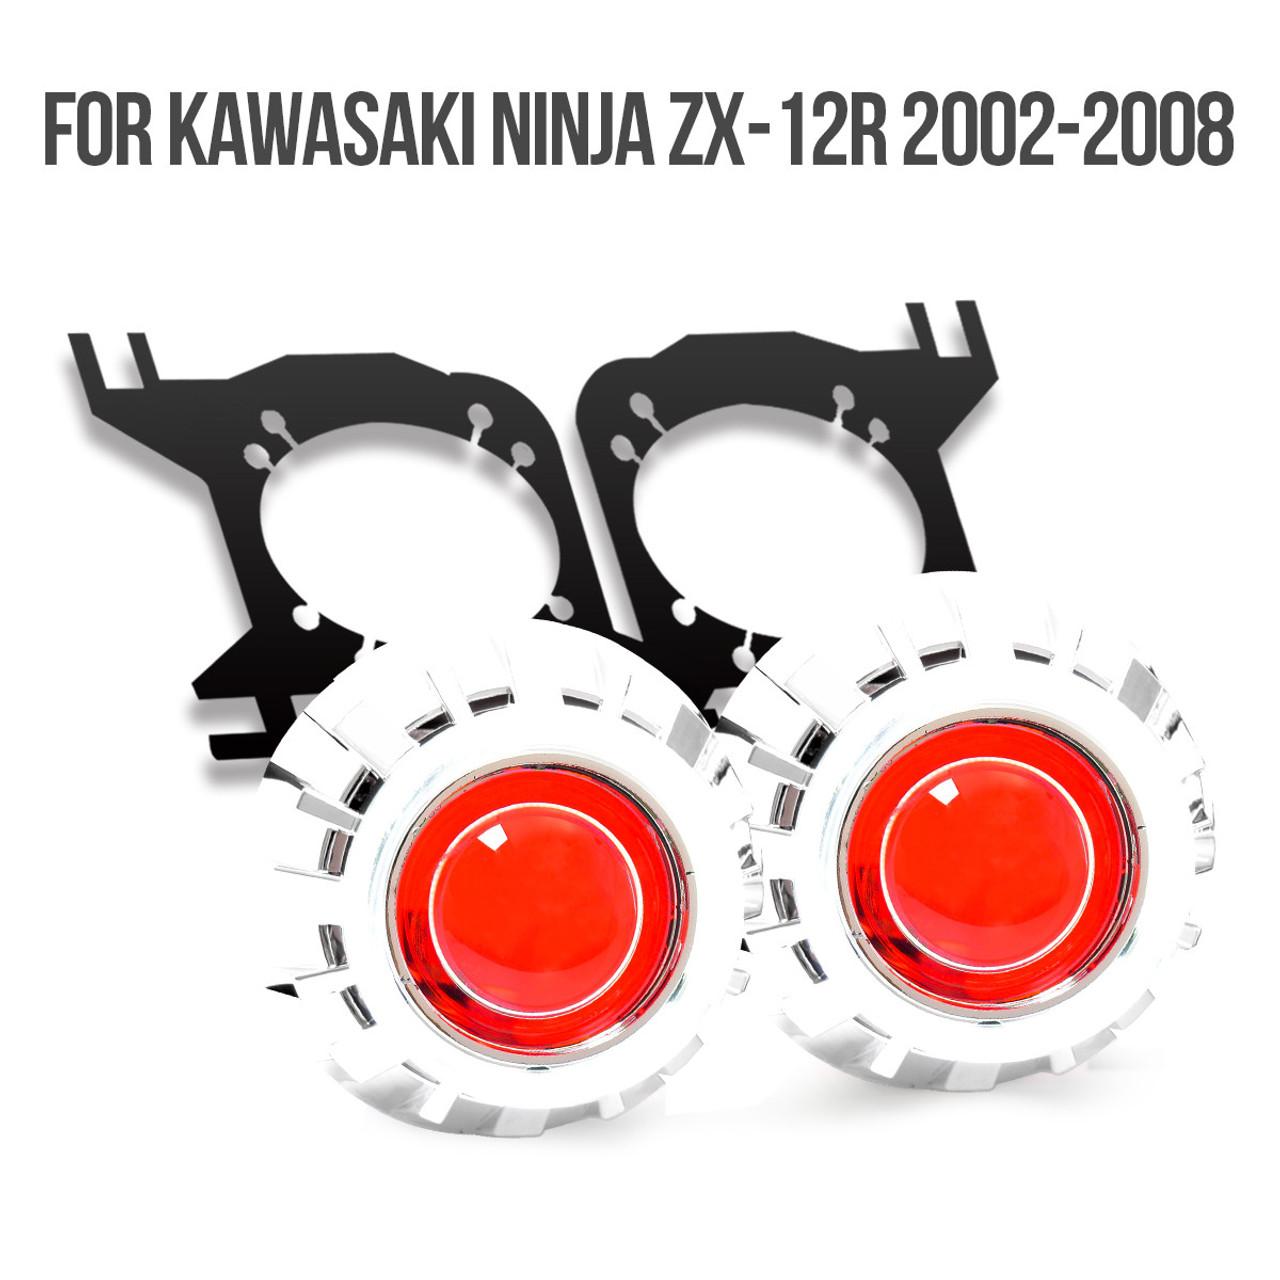 2002 2003 2004 2005 2006 2007 2008 kawasaki ninja zx12r projector kit [ 1200 x 1200 Pixel ]